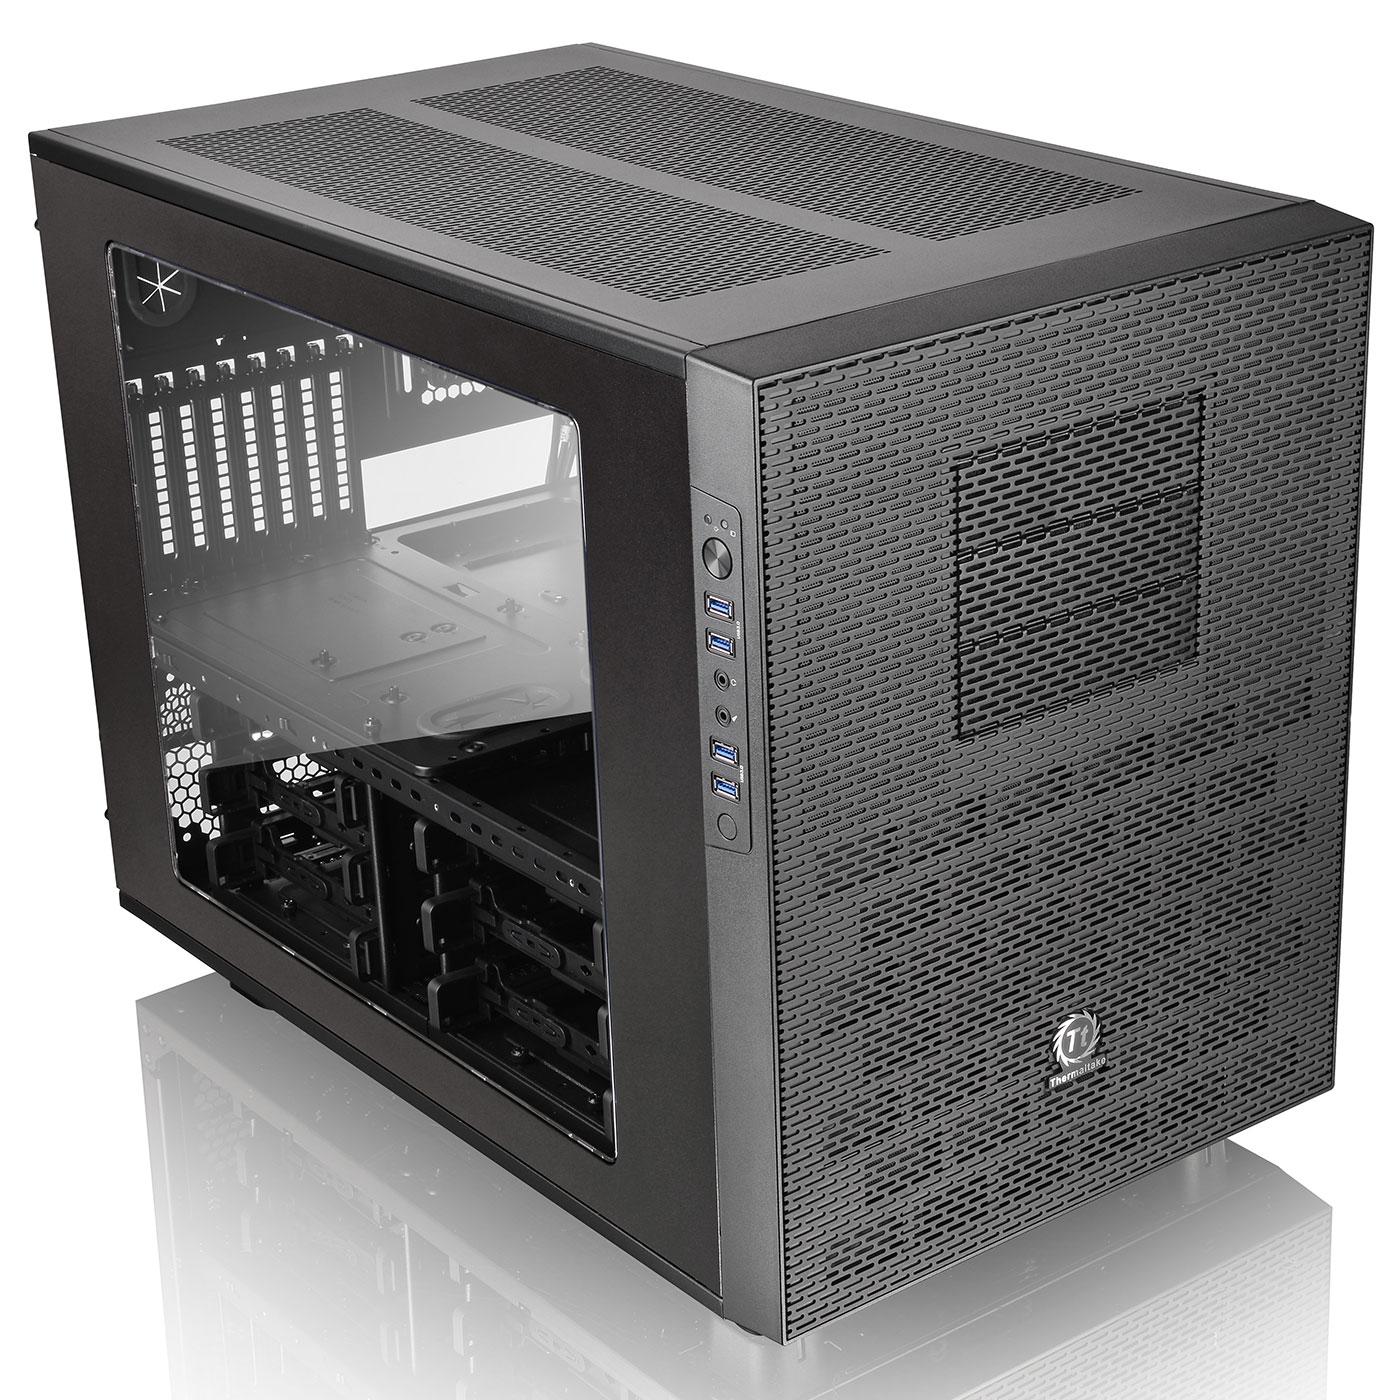 Thermaltake Cube/ss alim/E-ATX Noir - Boîtier PC Thermaltake - 0